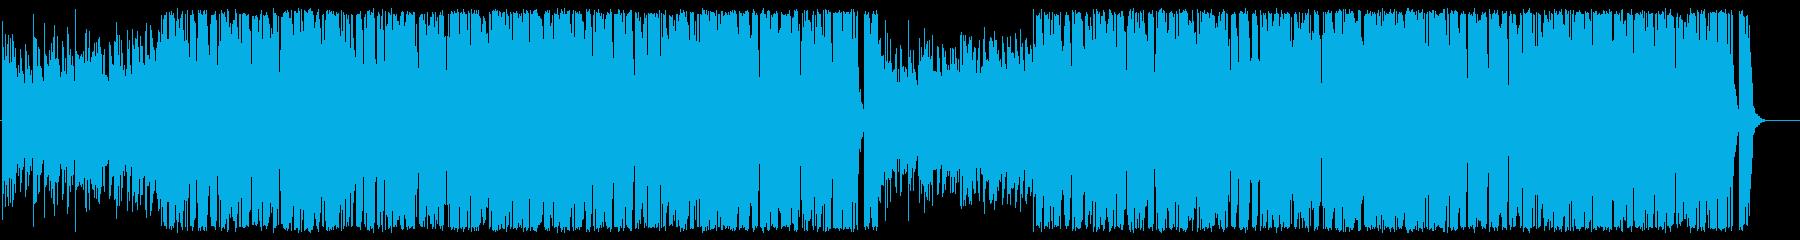 おしゃれで大人っぽいBGMの再生済みの波形